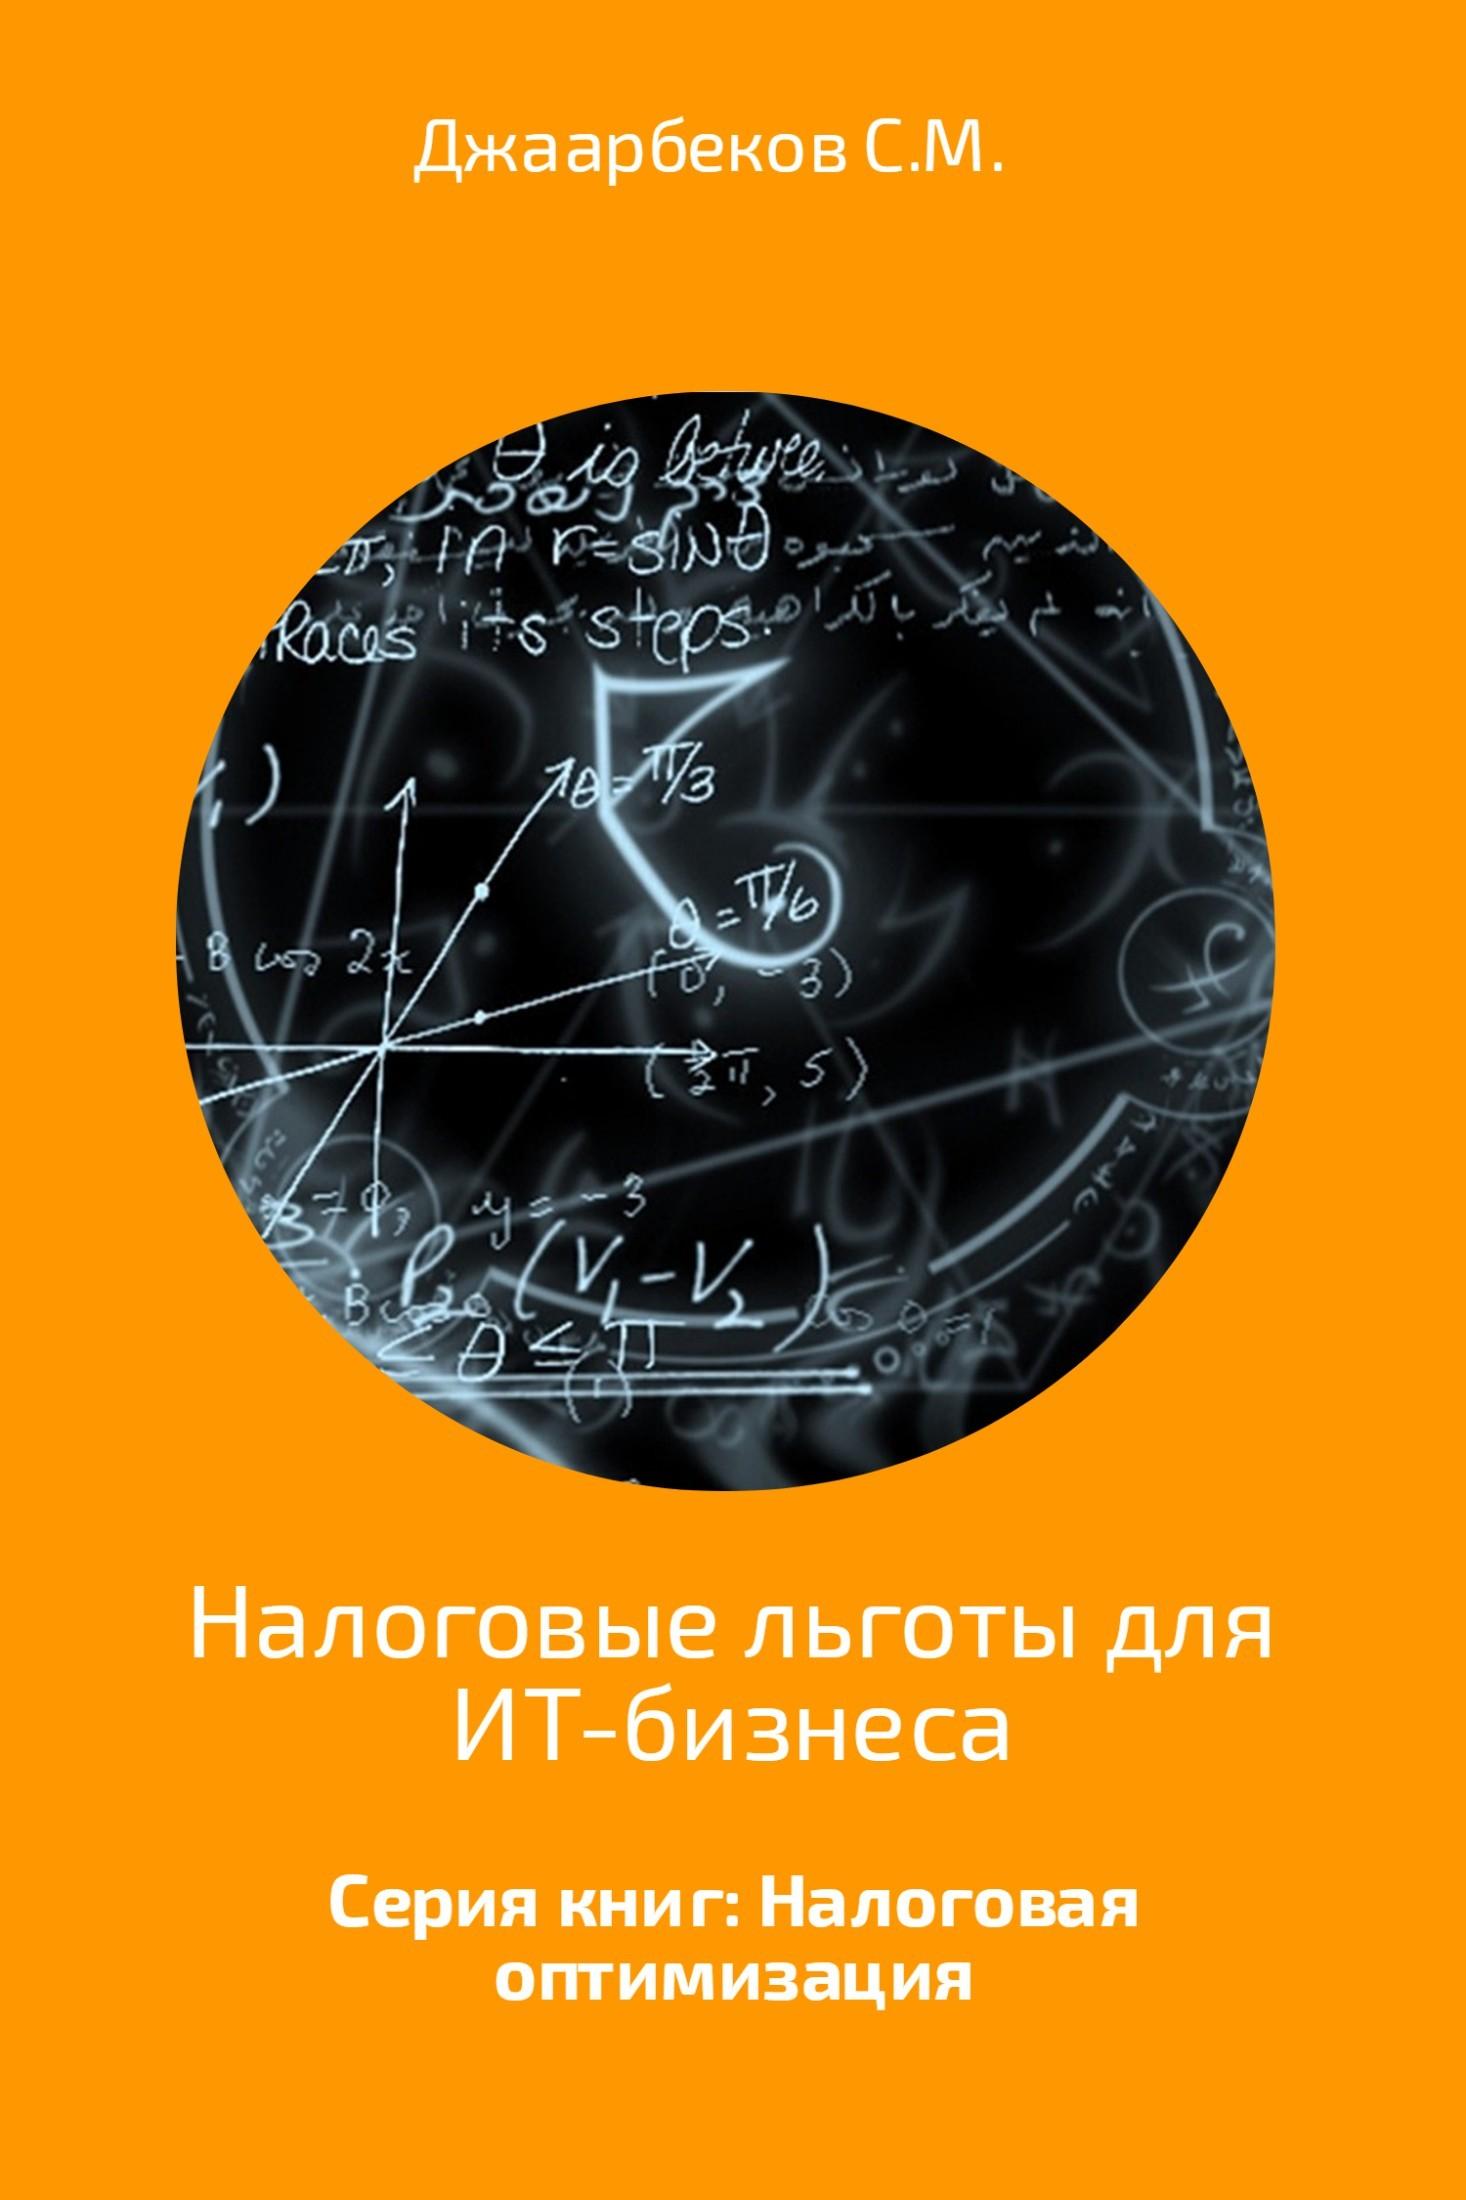 Джаарбеков Станислав Маратович Налоговые льготы для ИТ-бизнеса mebelvia fruit via melon 120х200